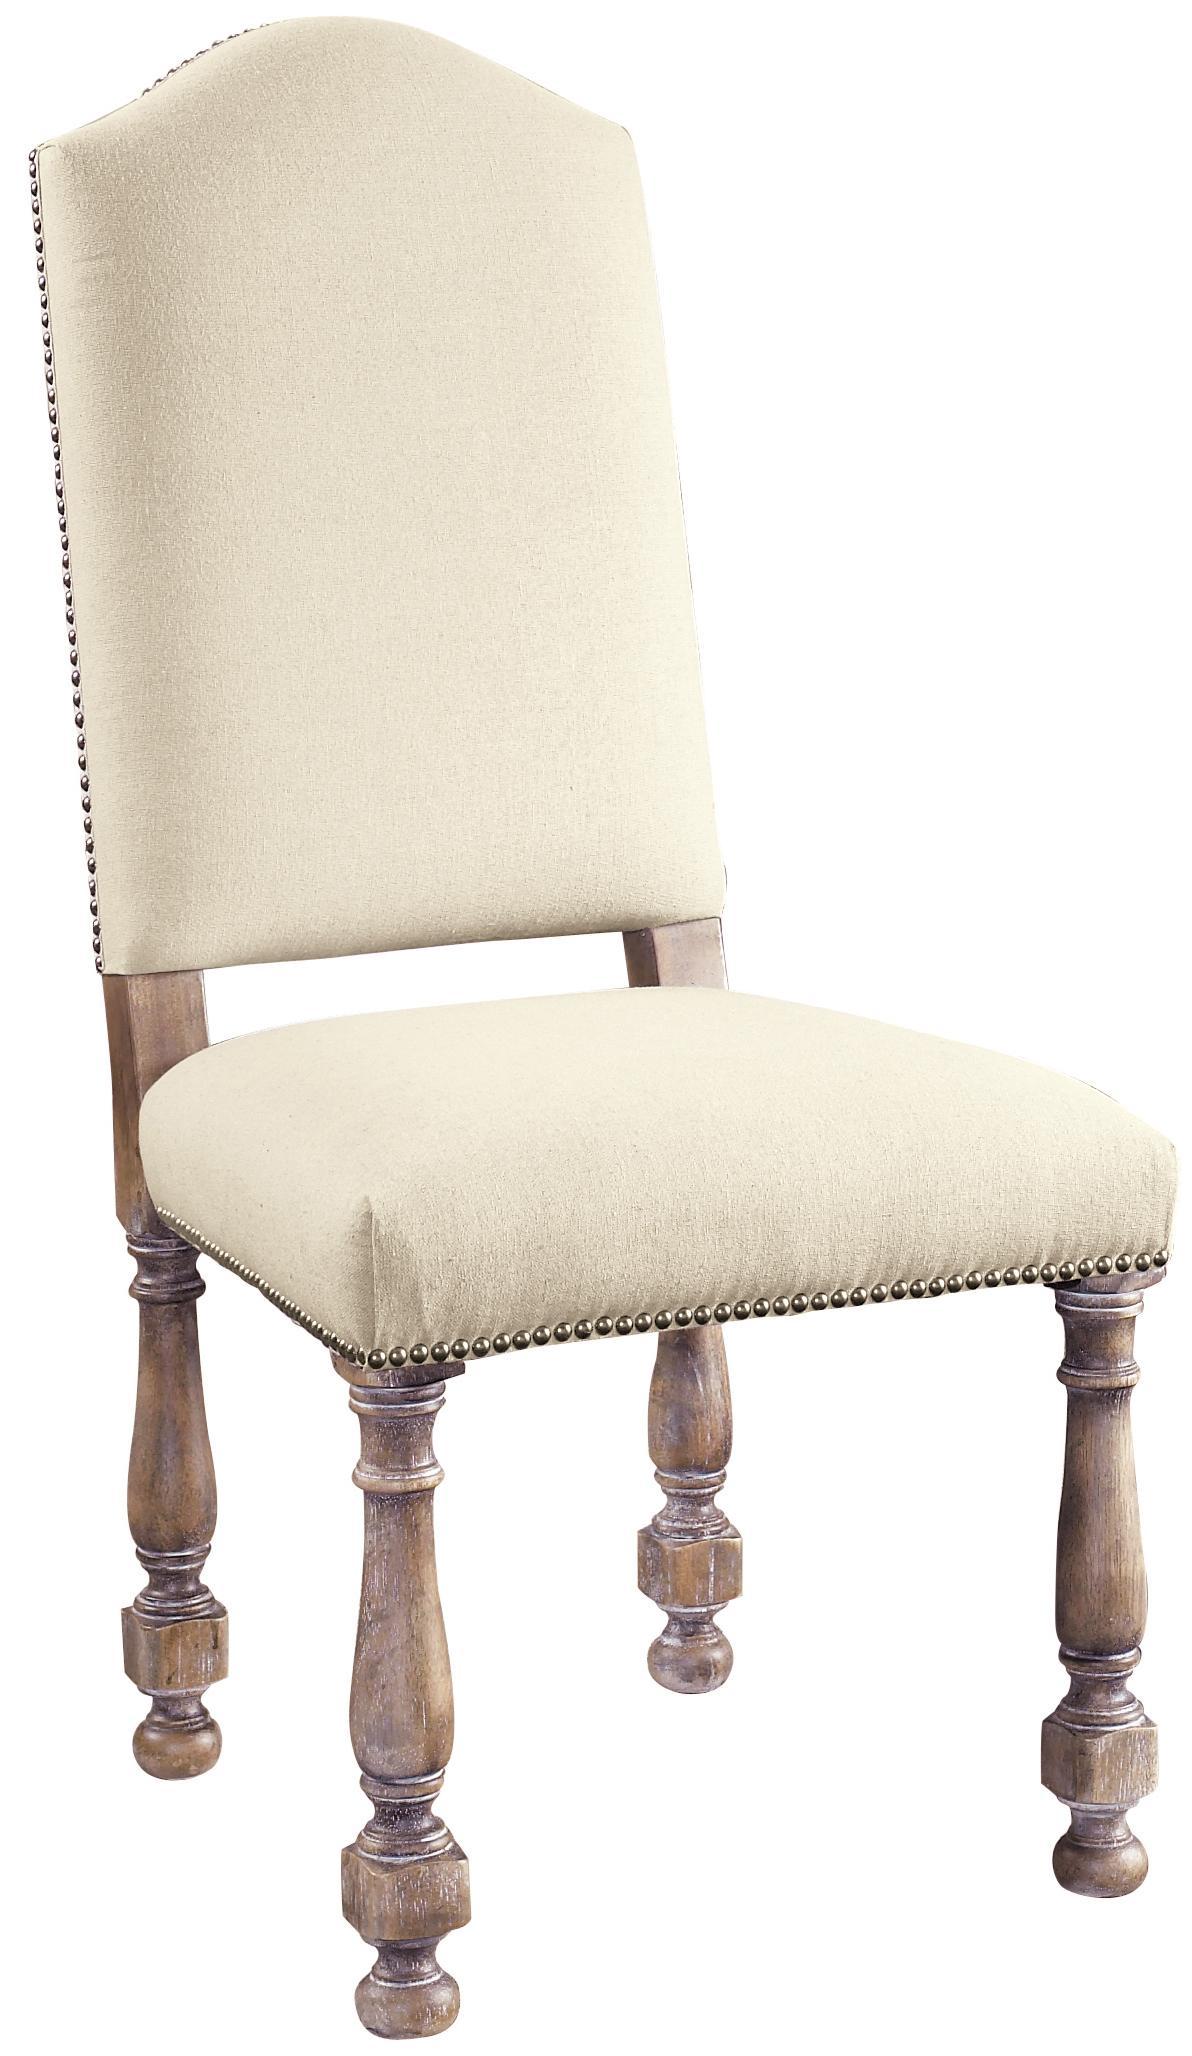 Pulaski Furniture Accentrics Home Amethea Dione Side Chair - Item Number: 205008